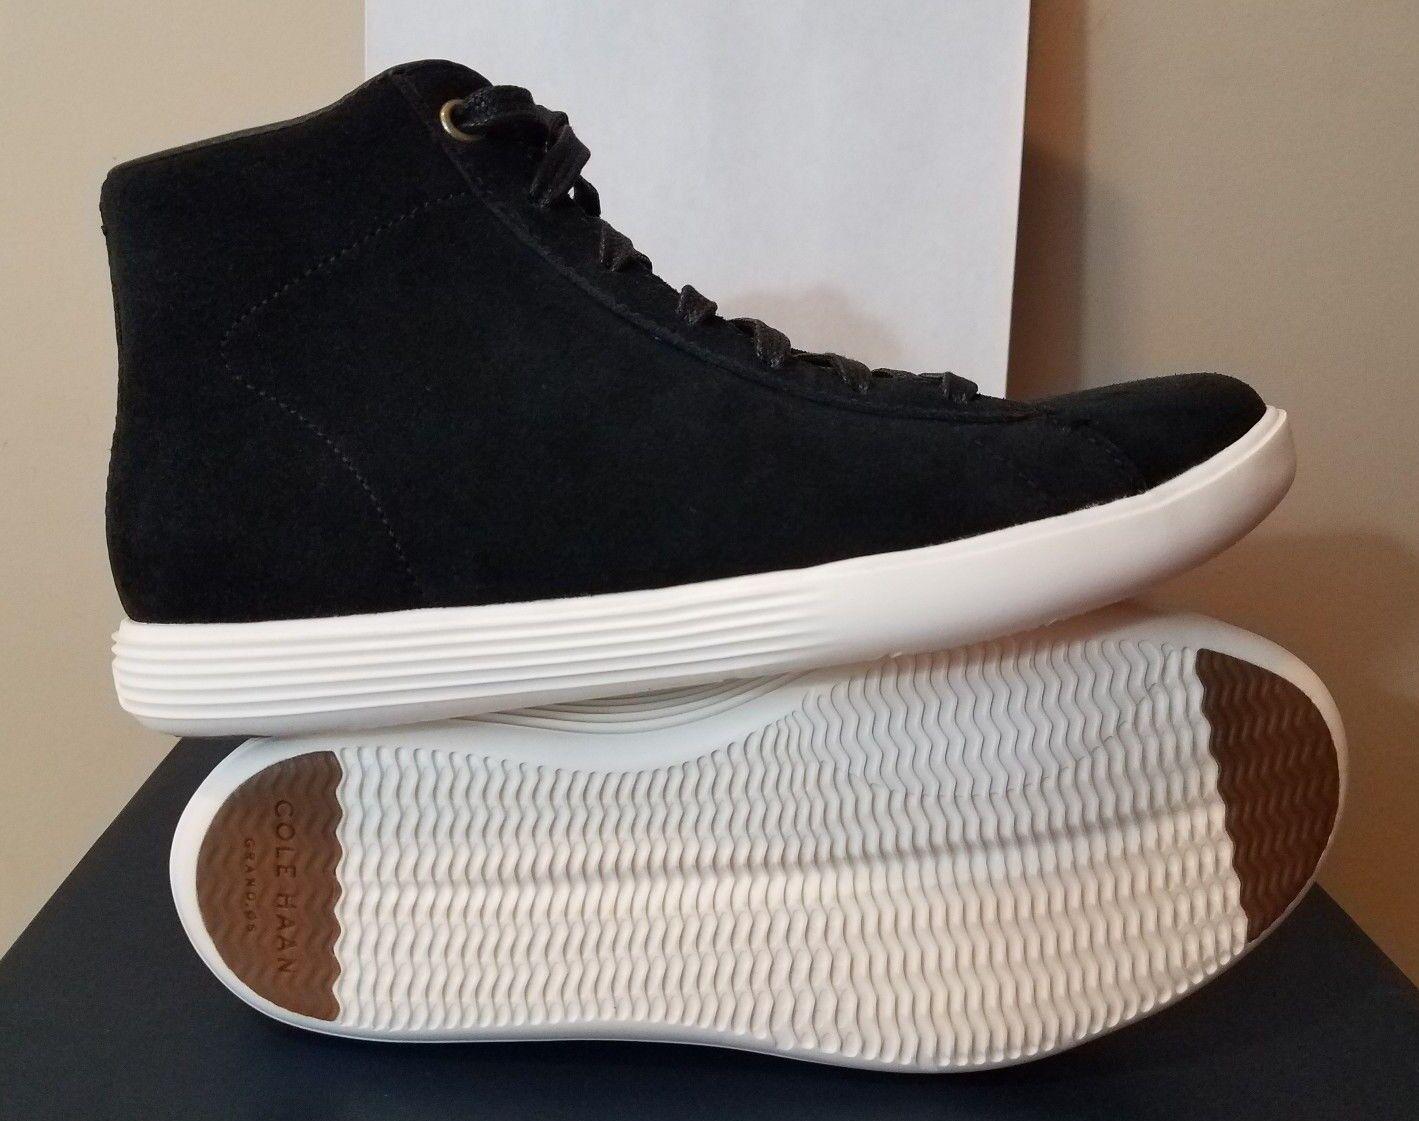 Para mujer mujer mujer Cole Haan Grand crosscourt High Top Zapatillas De Gamuza Negra Talla 11 Nuevo con etiquetas  online barato